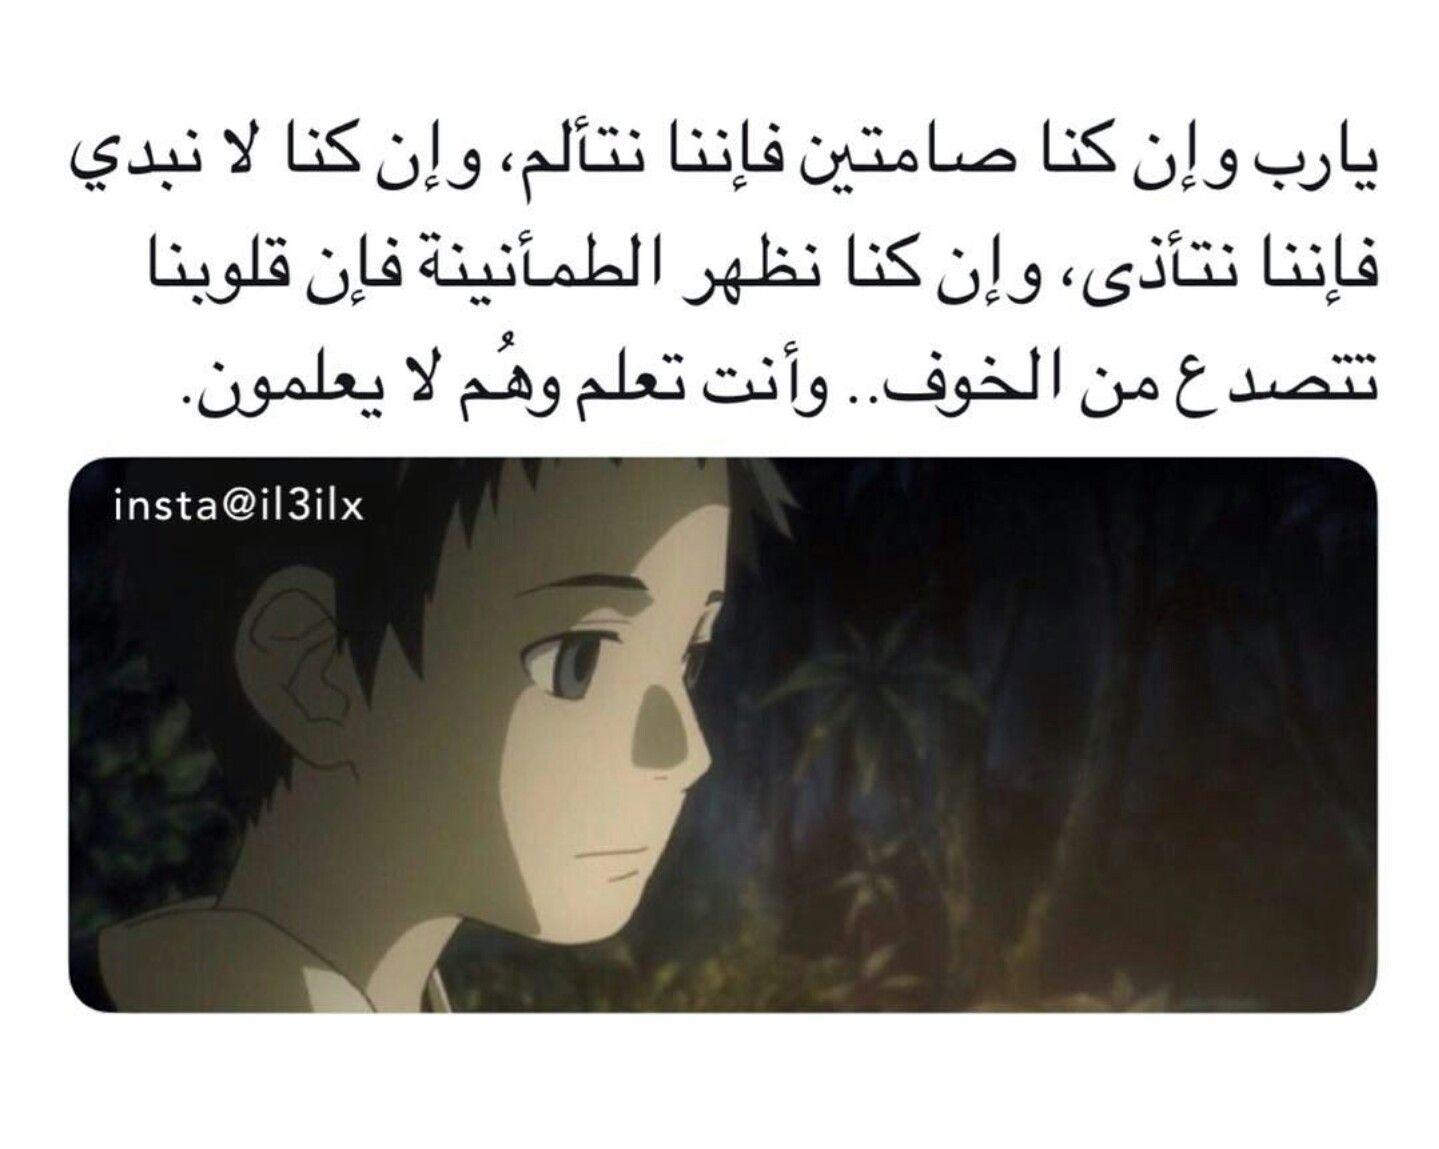 الهم اسالك رحمتك لقلوبنا فانا تعبنا تعبنا Cool Words Deep Words Arabic Words